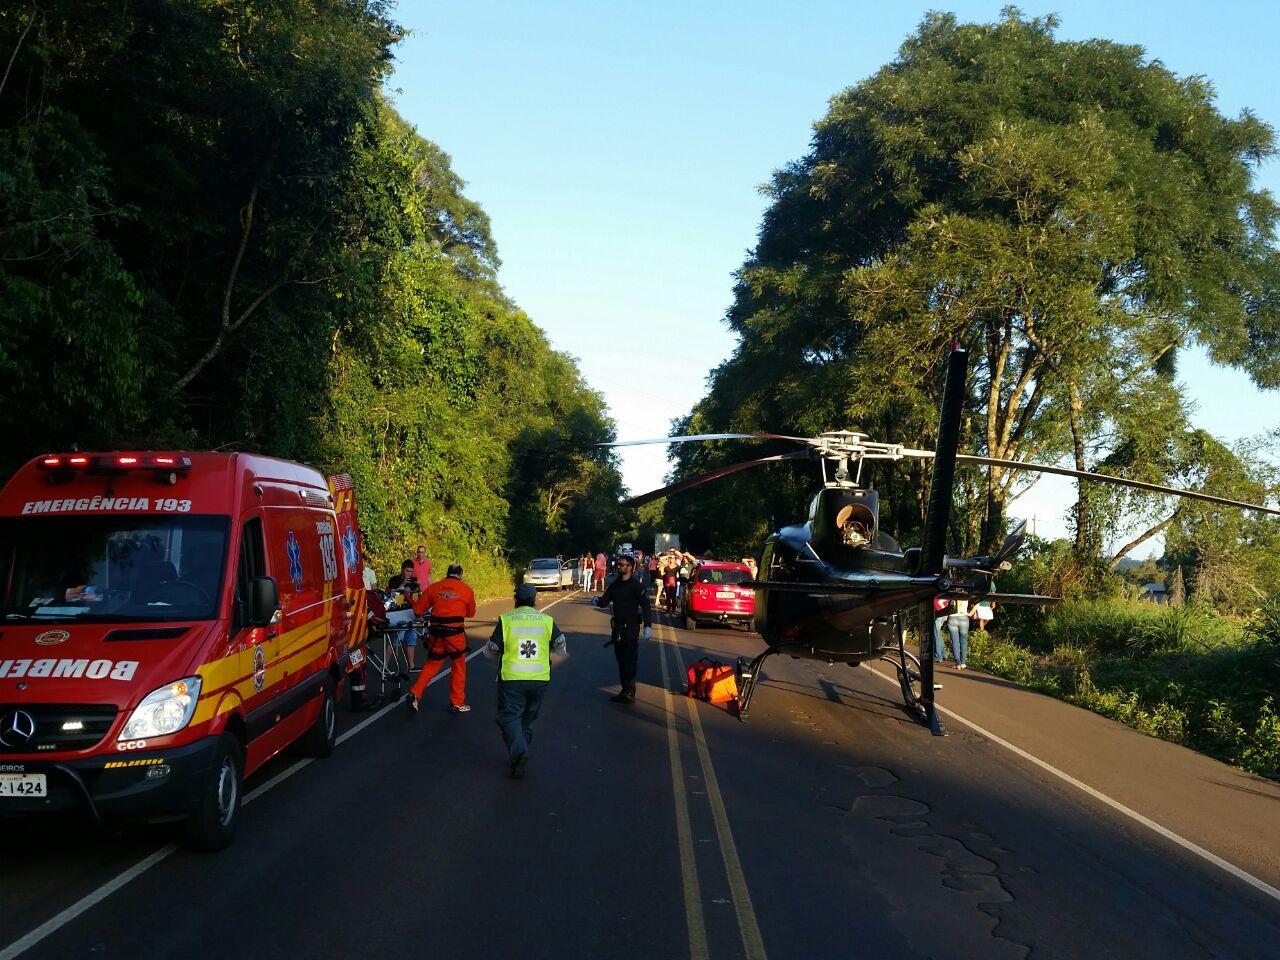 Motorista embriagado provoca grave acidente com três feridos em Chapecó